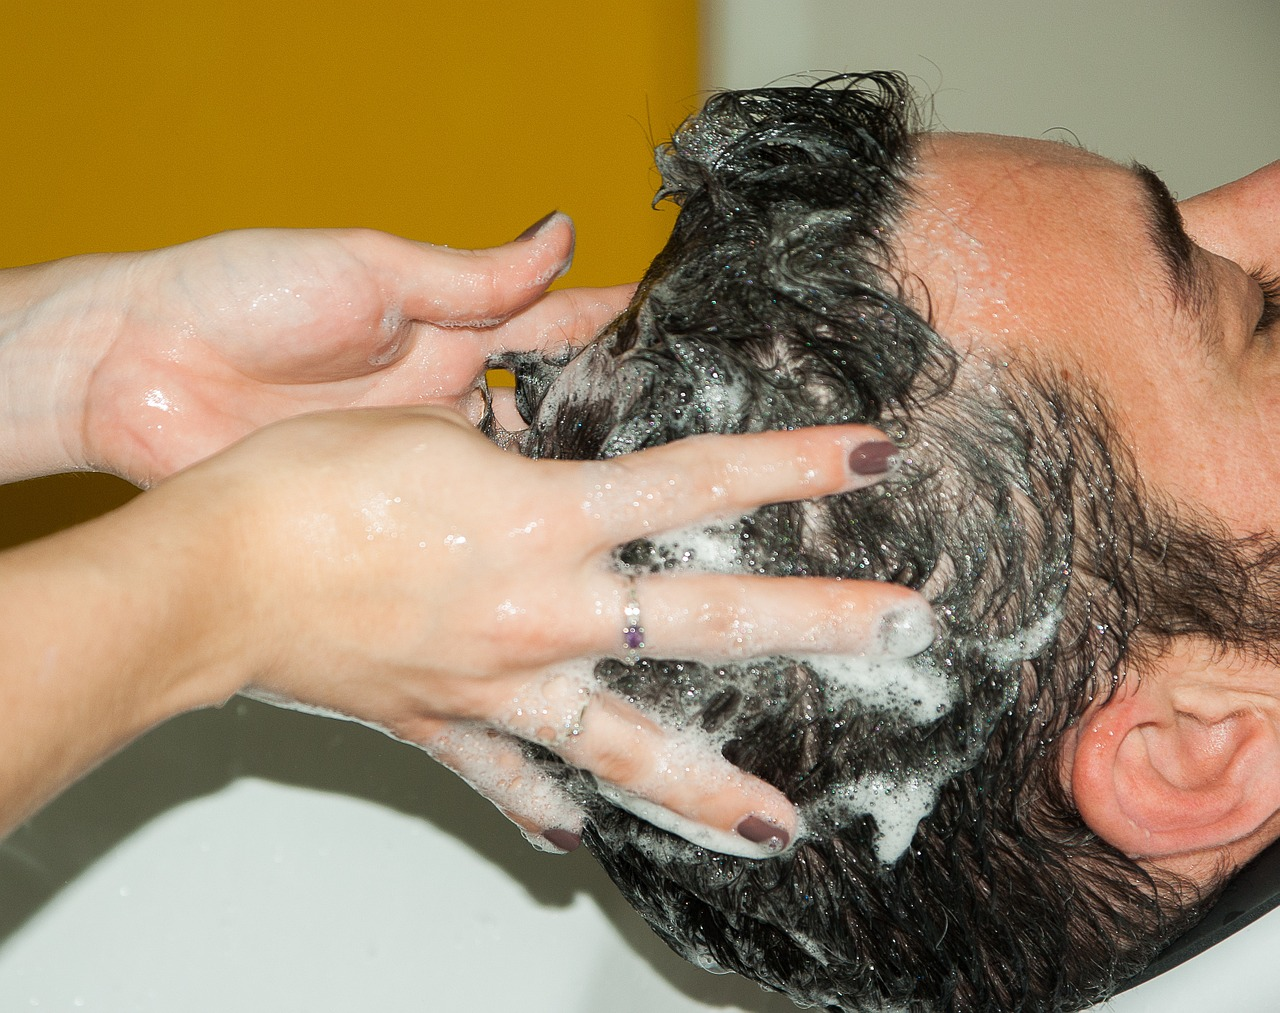 fejbőr kezelése pikkelysömörhöz otthon